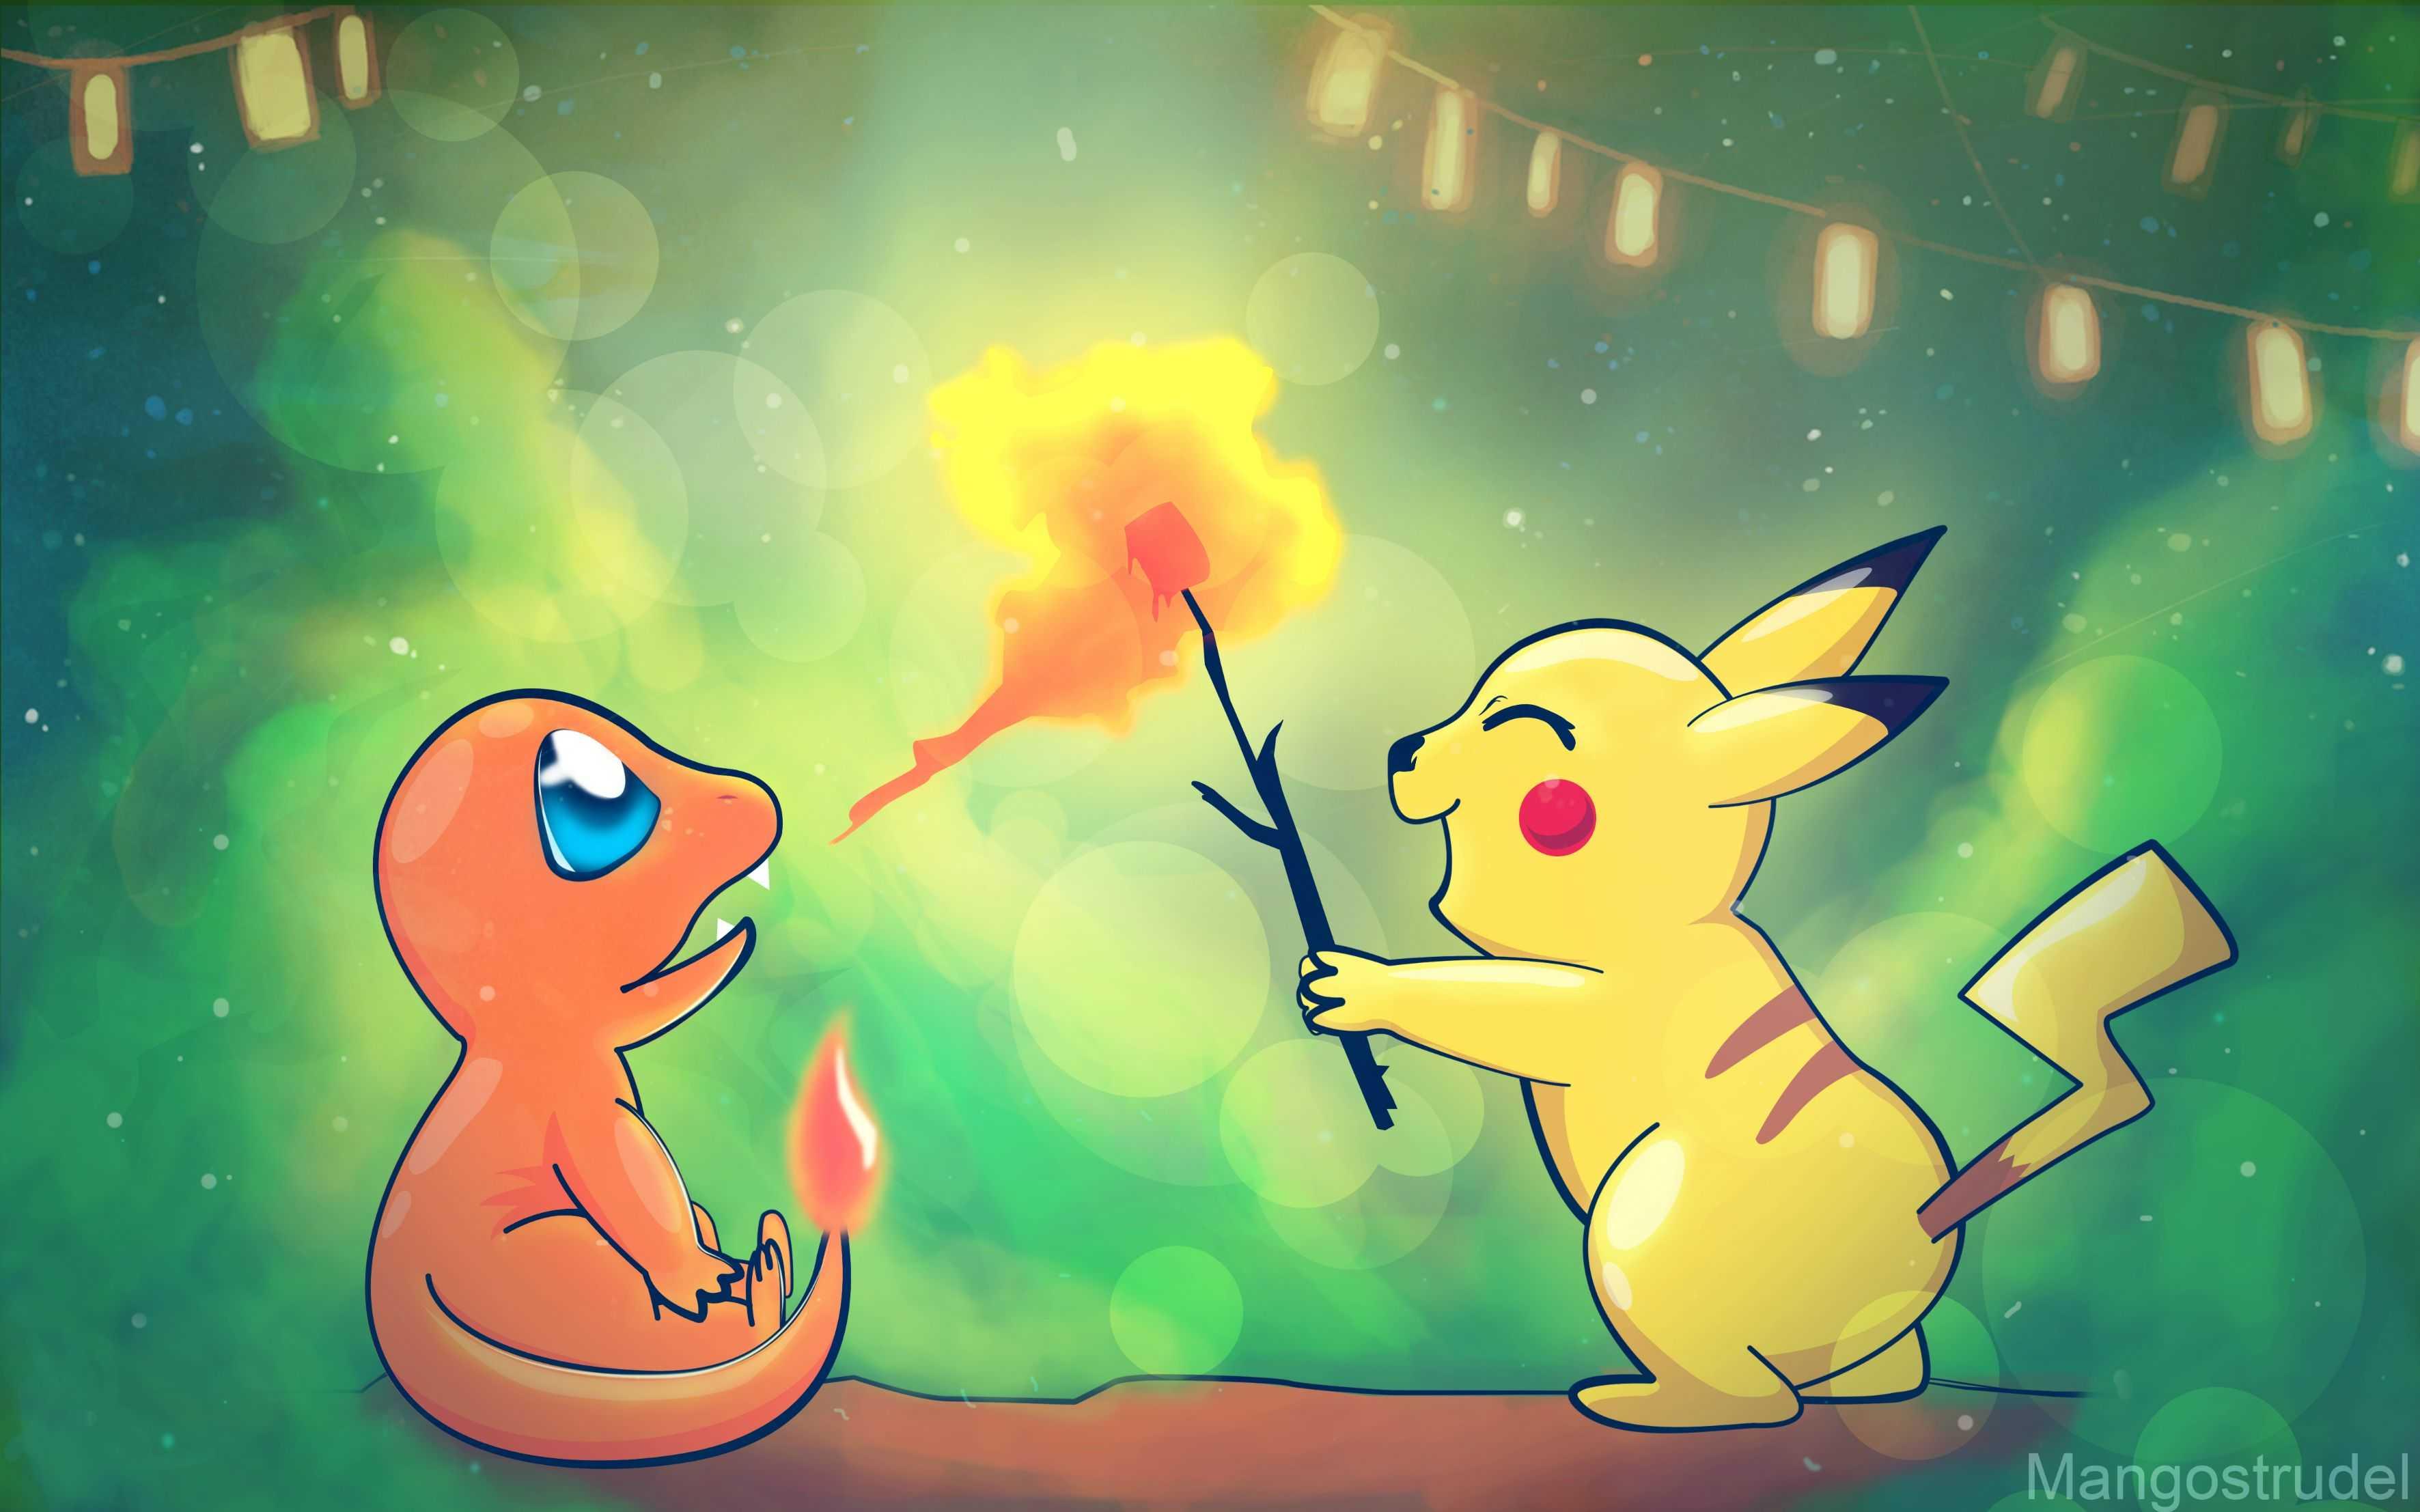 pikachu and charmander wallpaper httphdwallpaperinfopikachu